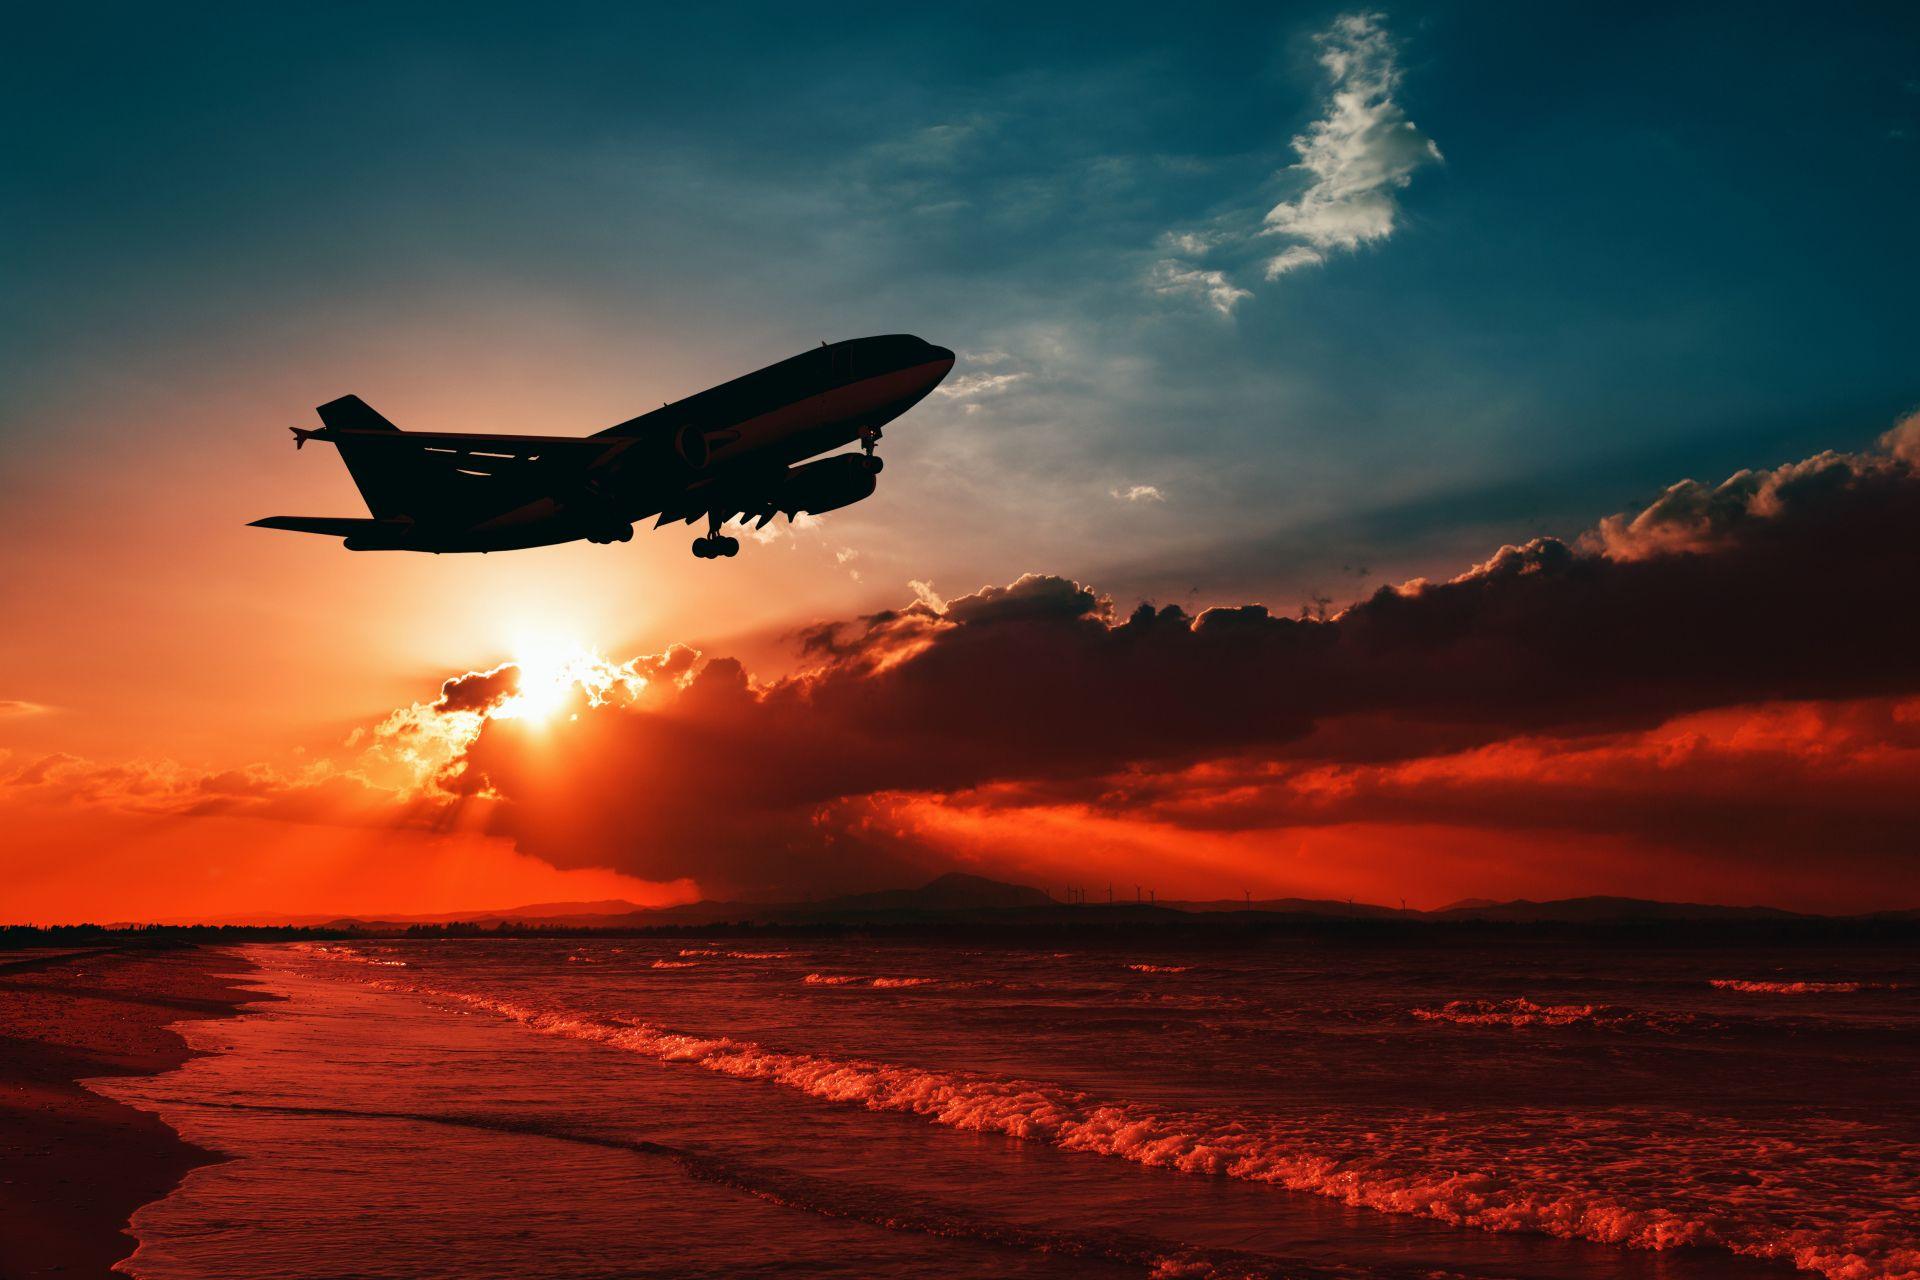 Vehicles Aircraft Sunbeam Sunset Cloud Sky Passenger Plane Wallpaper